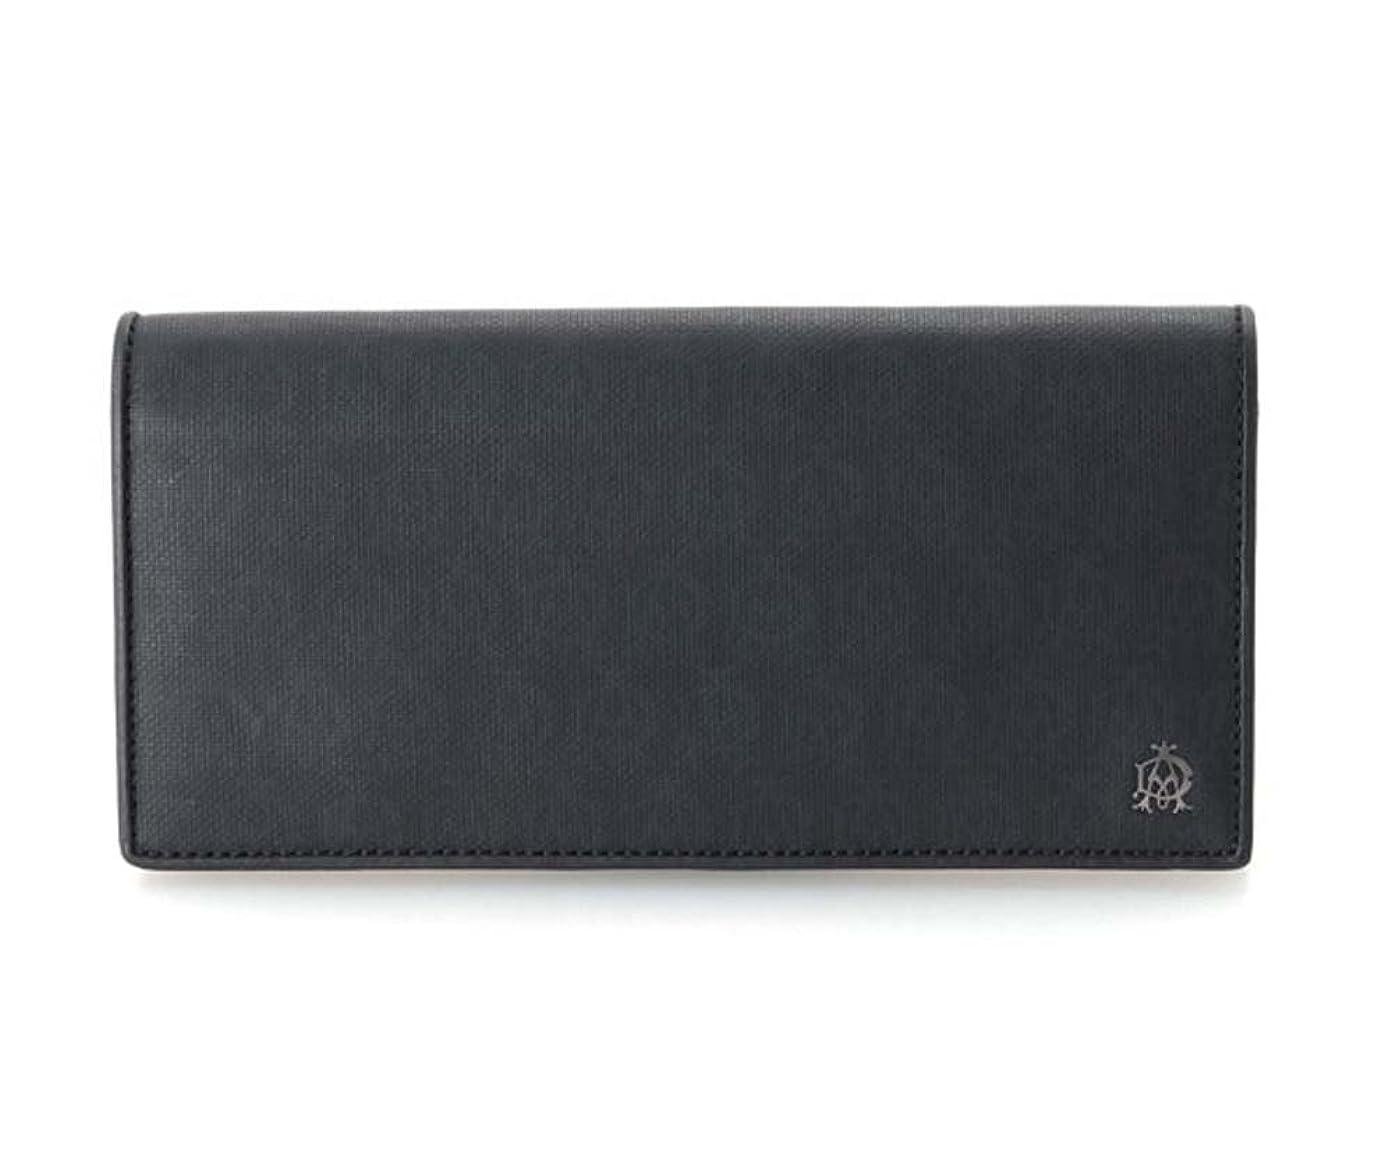 大宇宙パンエスカレート(ダンヒル)dunhill WIONDSOR 長財布 (小銭入れ有) l2pa10a ブラック メンズ